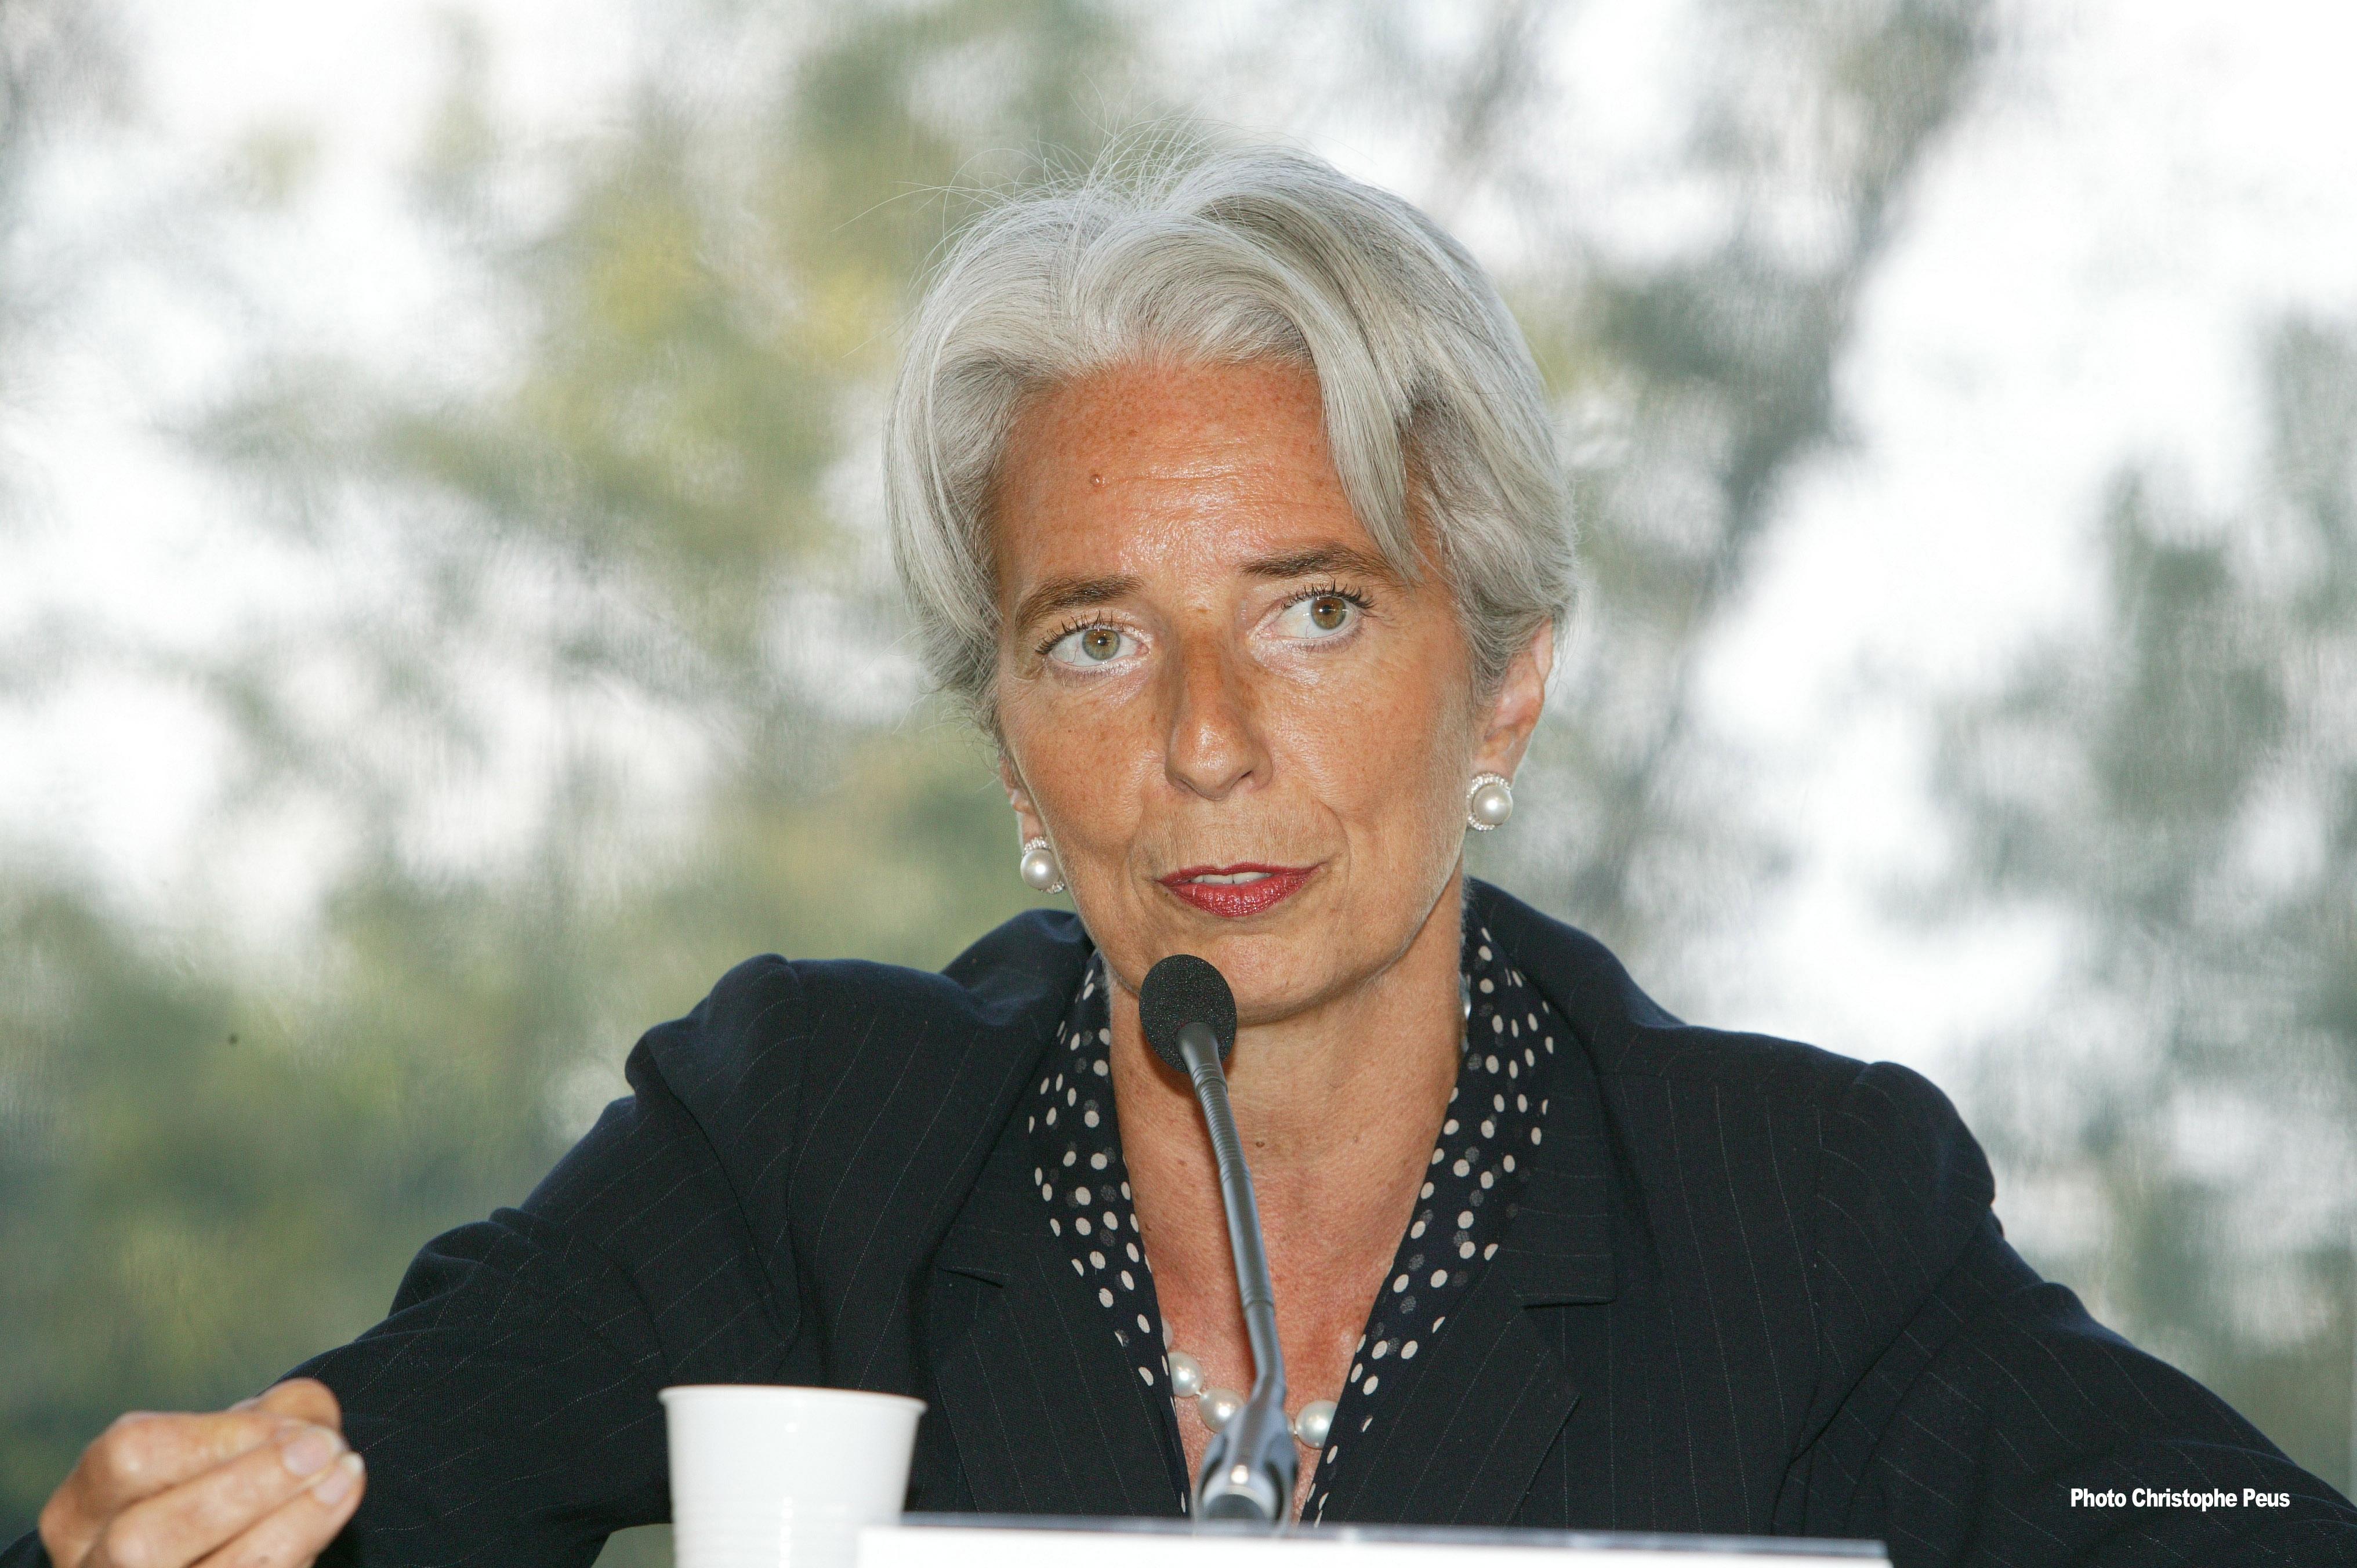 Generální ředitelka MMF Christine Lagarde, zdroj: MEDEF via Wiki Commons